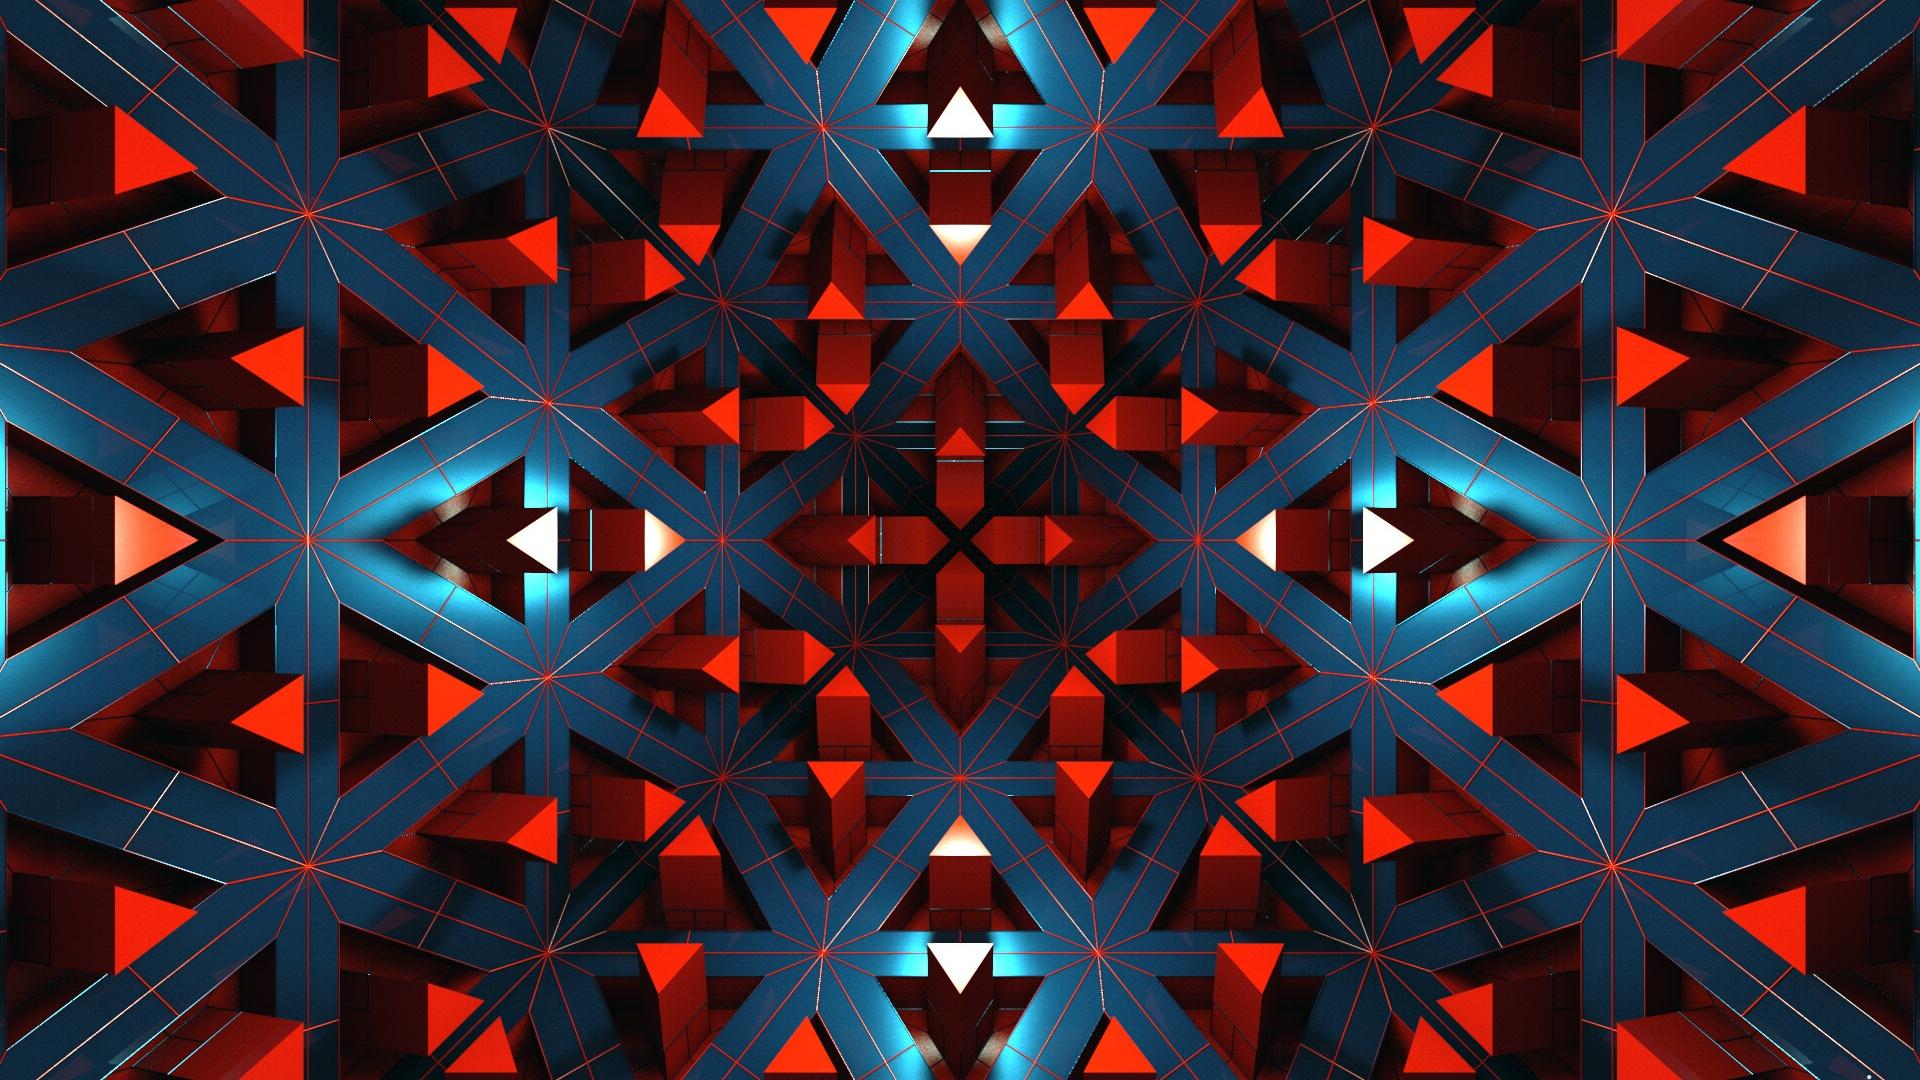 тому как сделать фотографию в красно синих тонах источников света